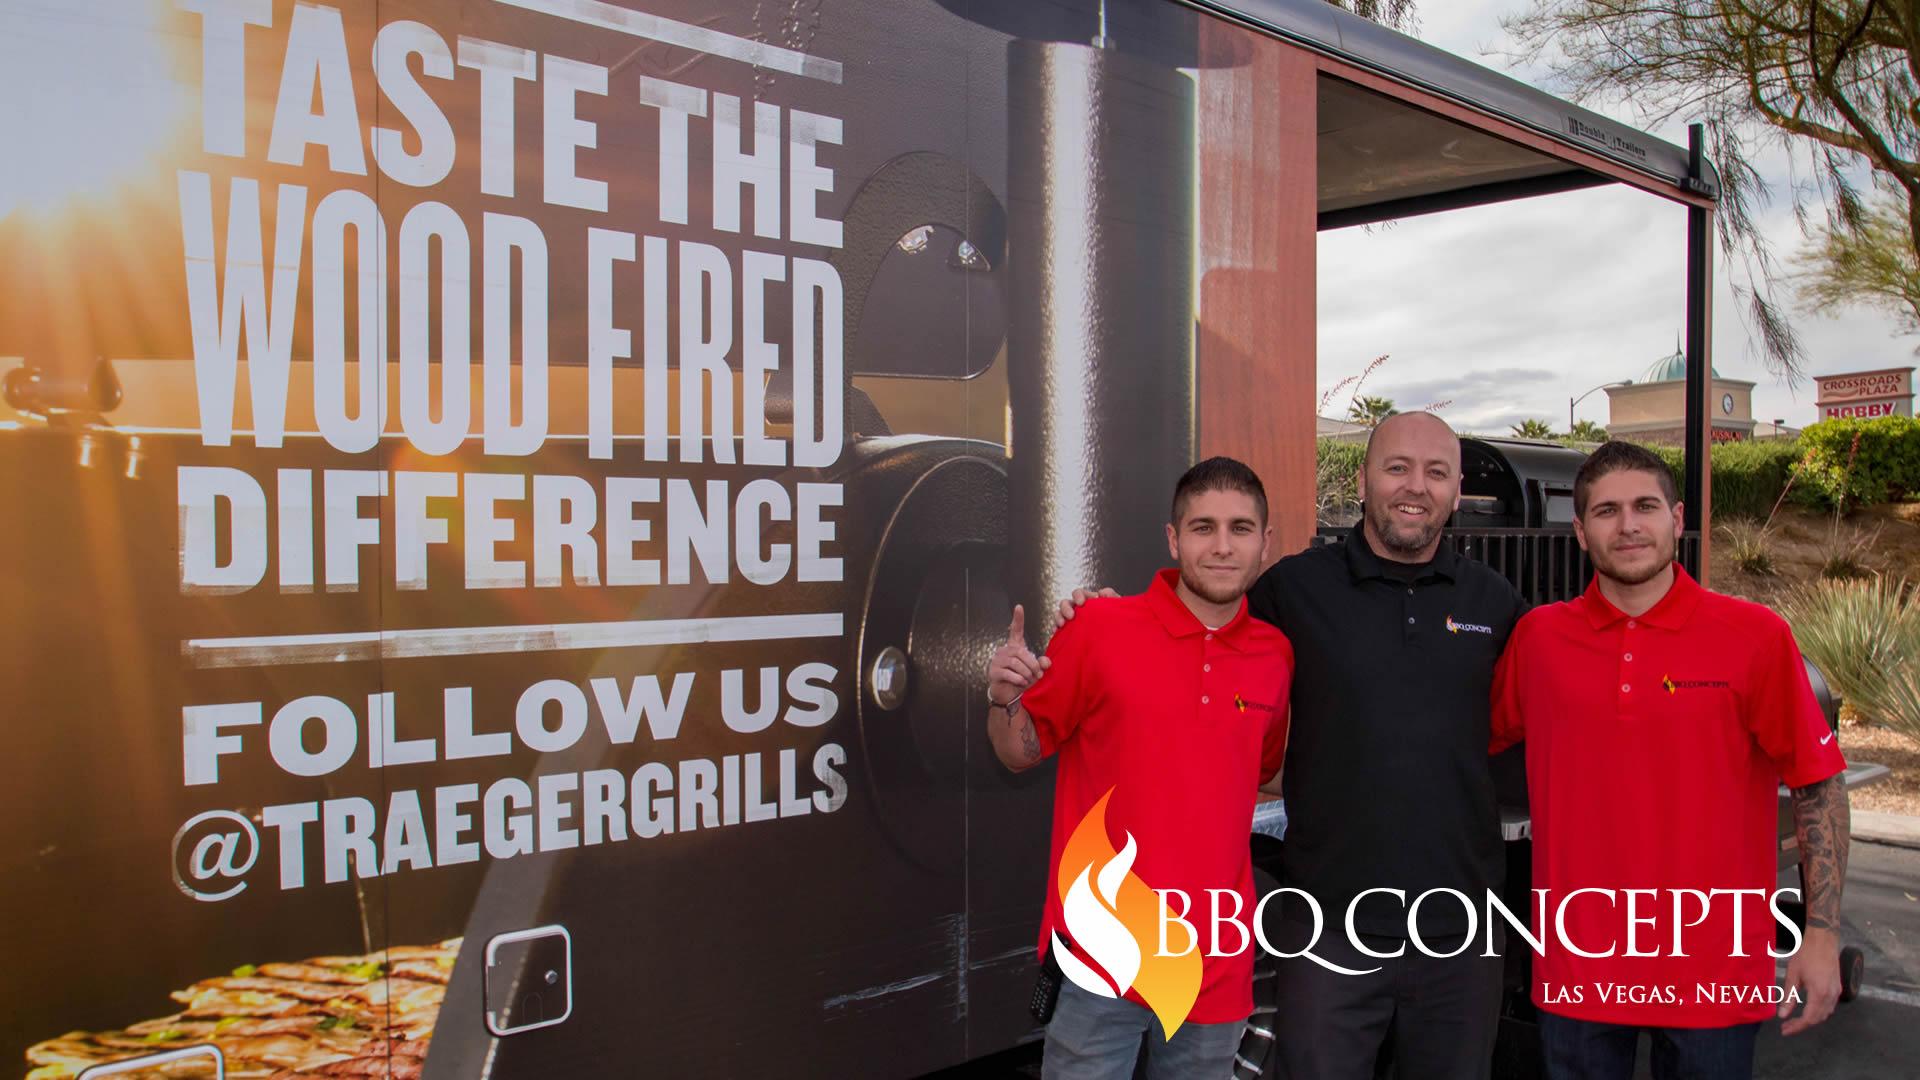 BBQ Concepts Team Hosting Traeger Barbecue Classics Shop Class - April 30th & May 1st 2018